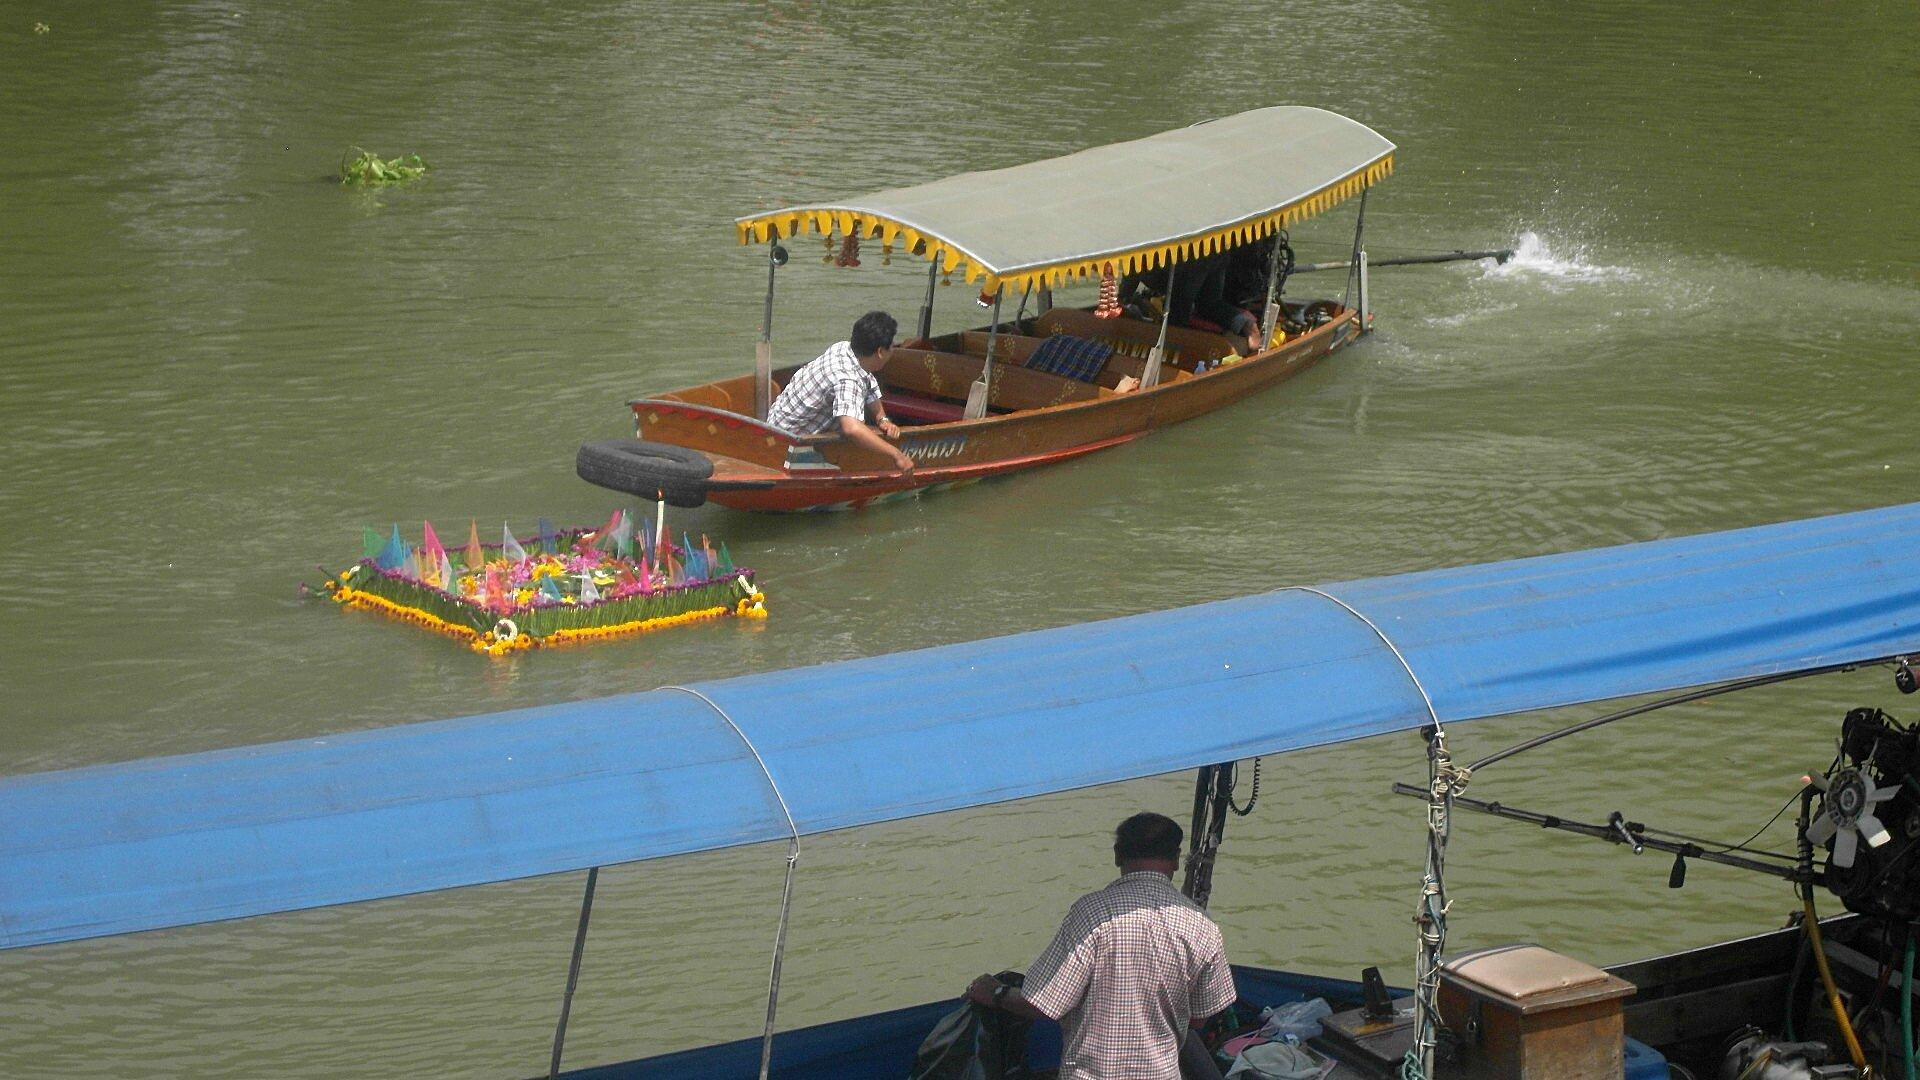 AYUTHAYA - 0ffrande bateau